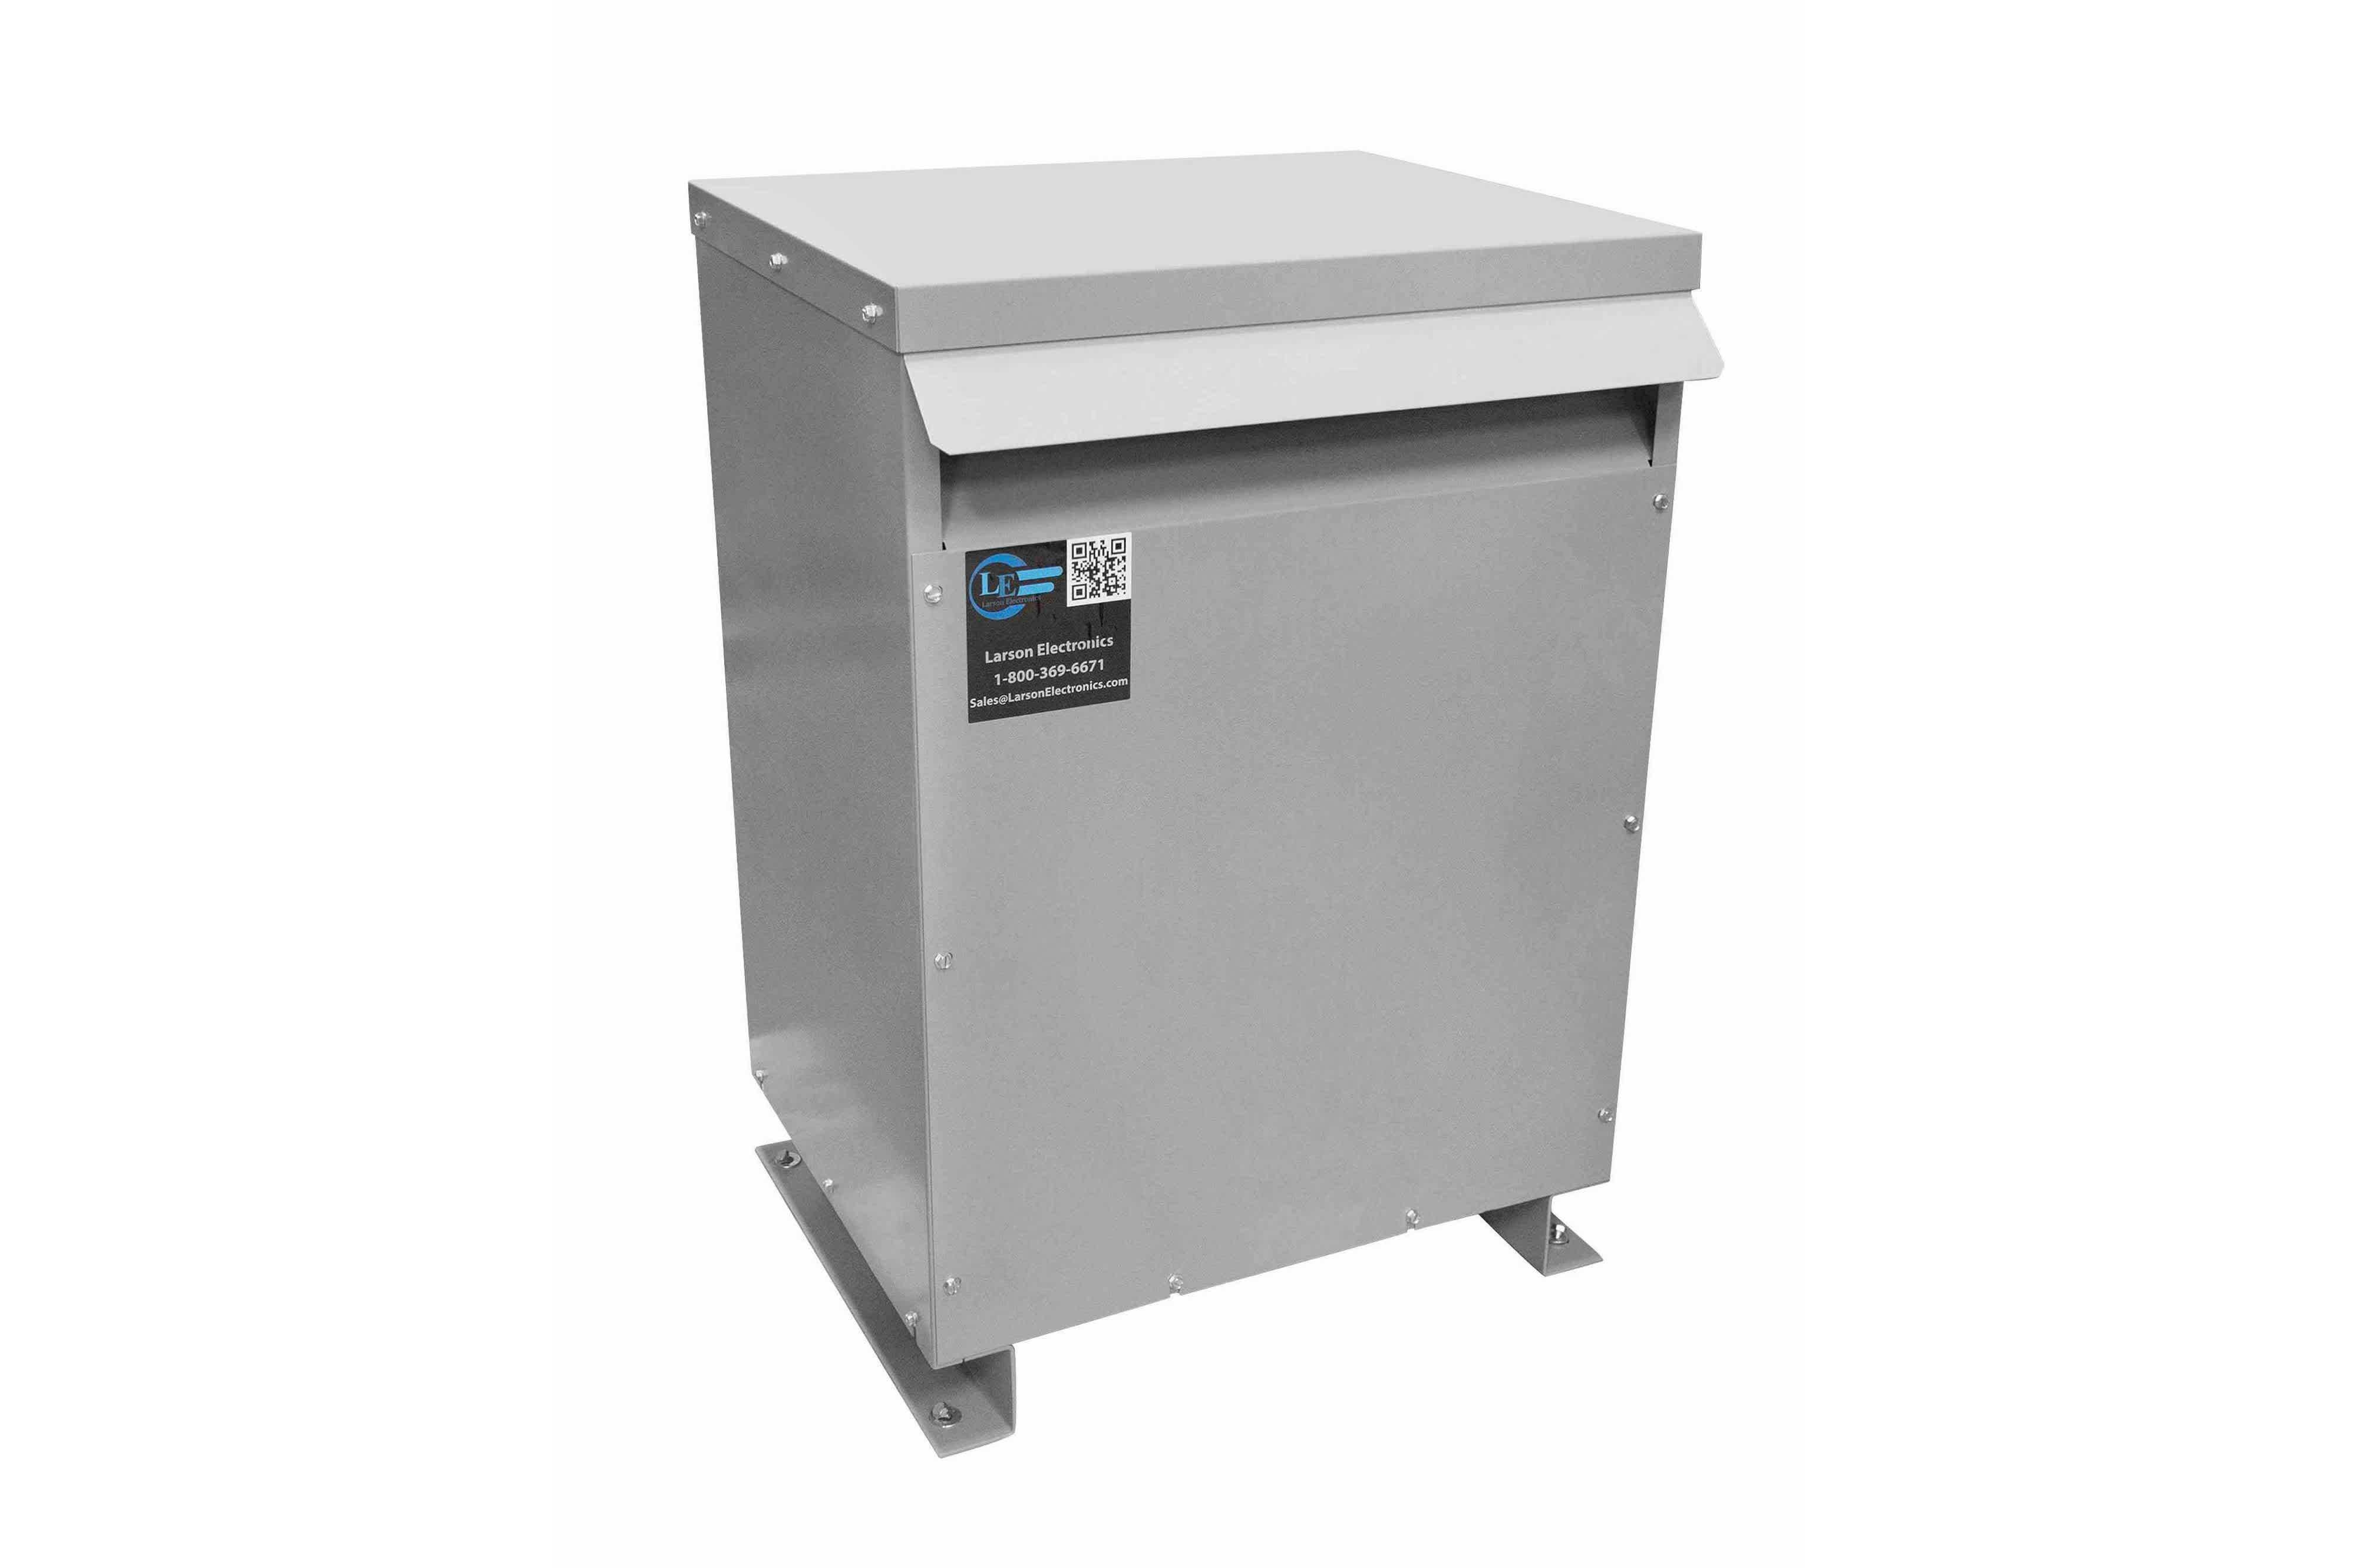 38 kVA 3PH DOE Transformer, 600V Delta Primary, 240V/120 Delta Secondary, N3R, Ventilated, 60 Hz